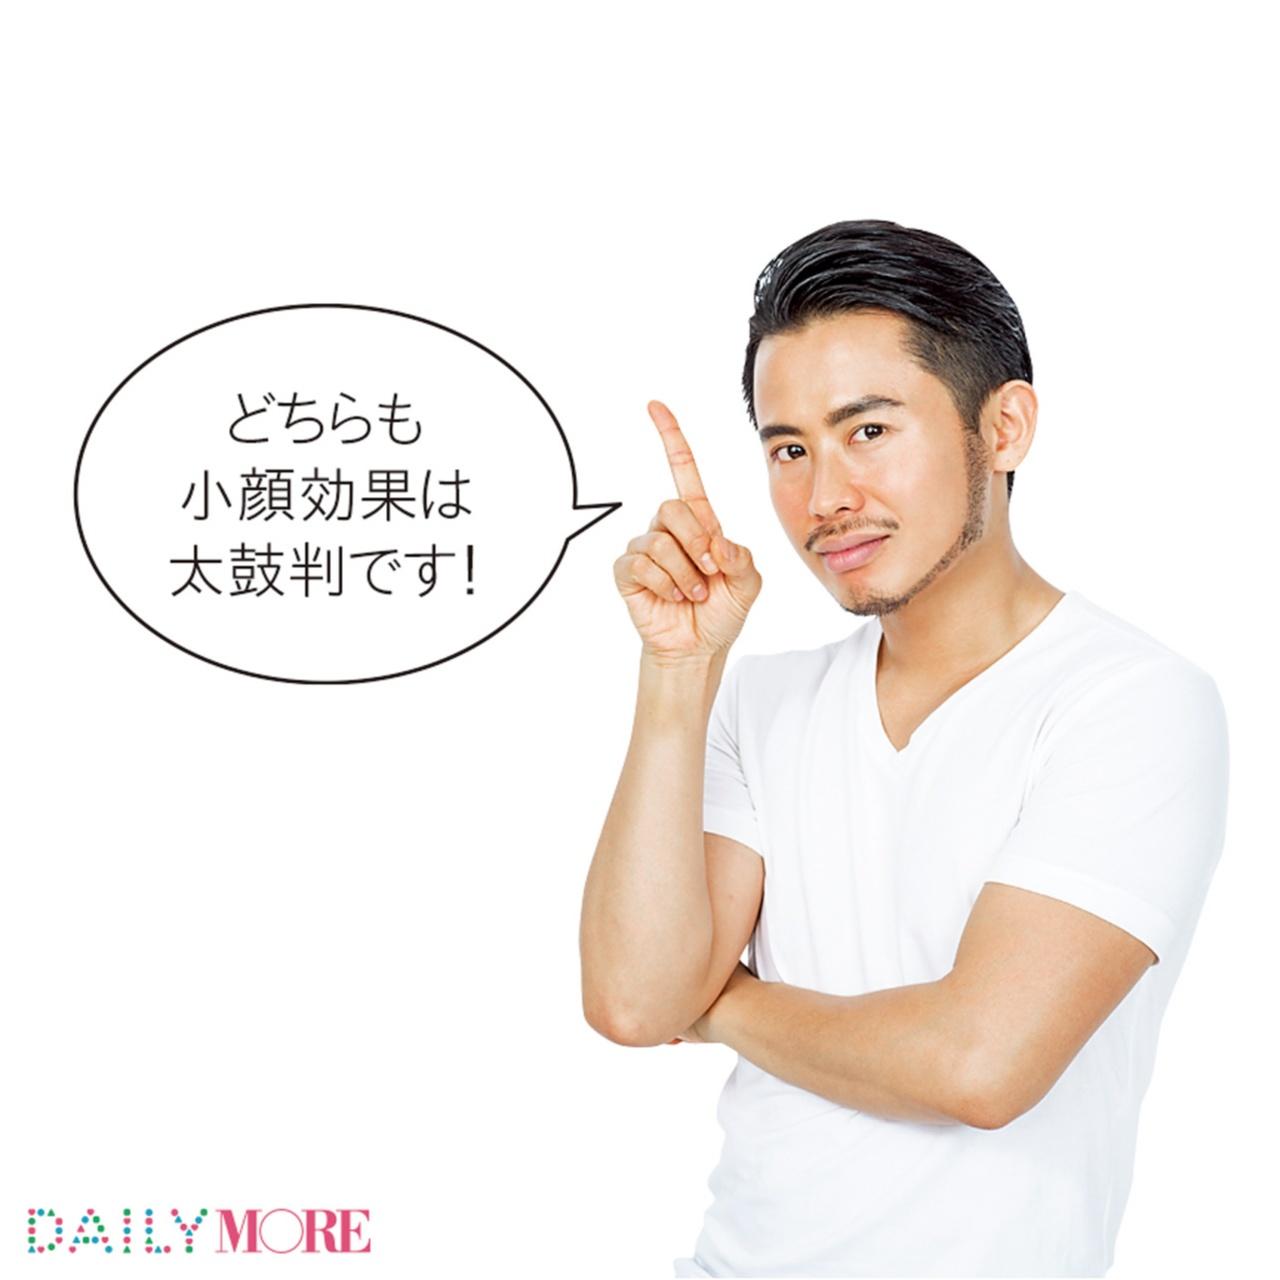 おうちでできる♡ ヘア&メイク小田切ヒロの「別人級セルフコルギ」<フェイスライン&耳の後ろ編>_9